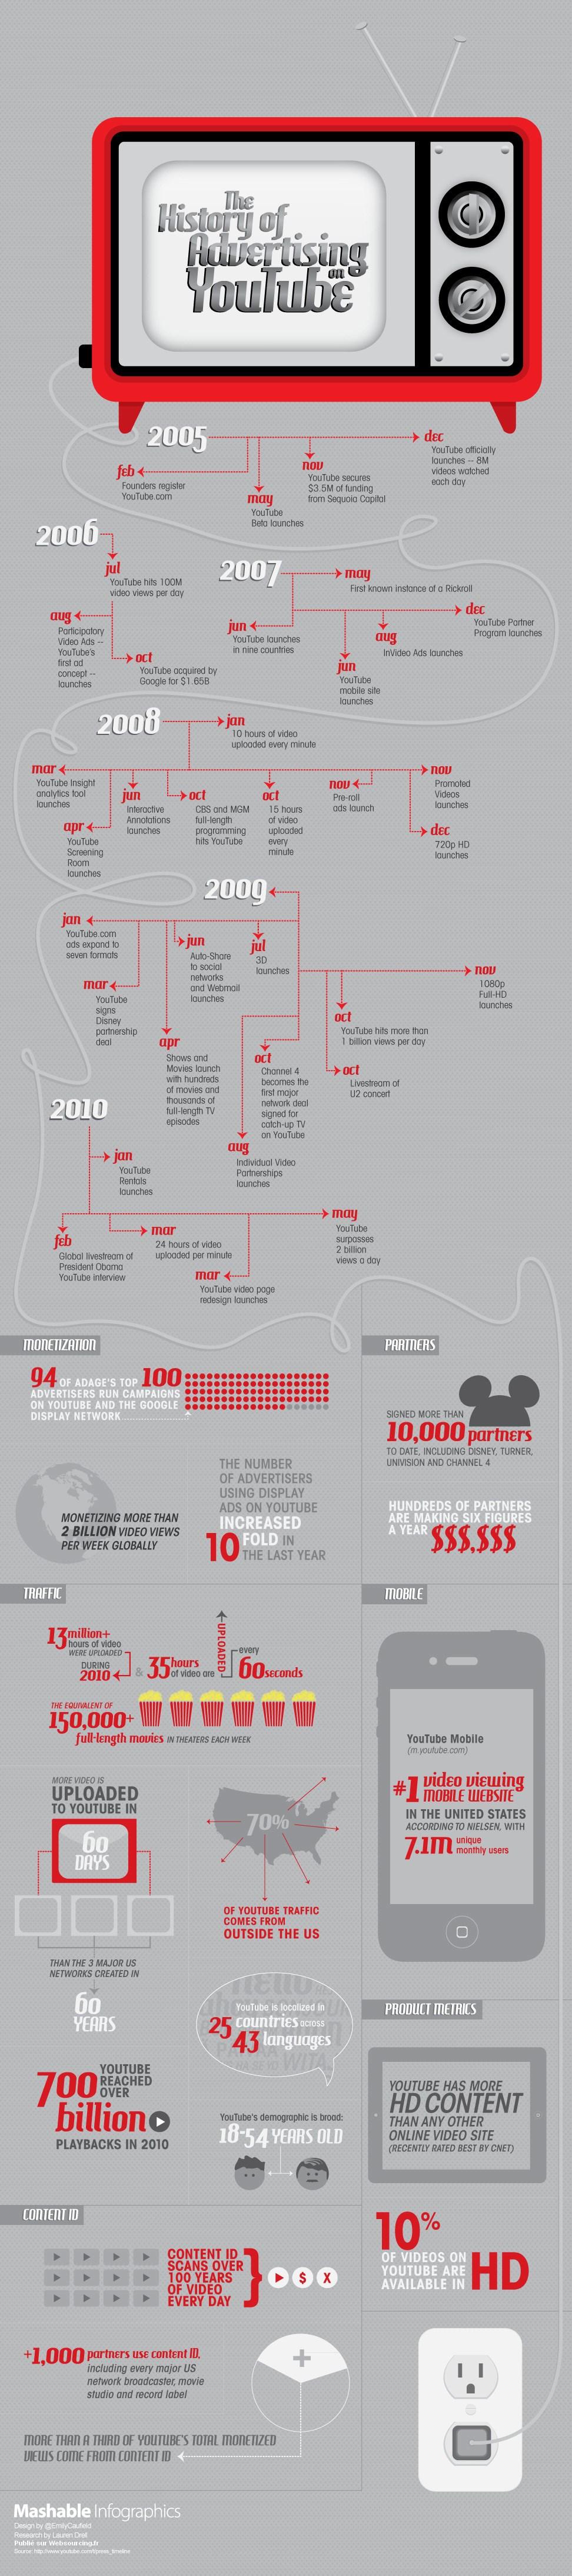 L'histoire de la publicité sur YouTube